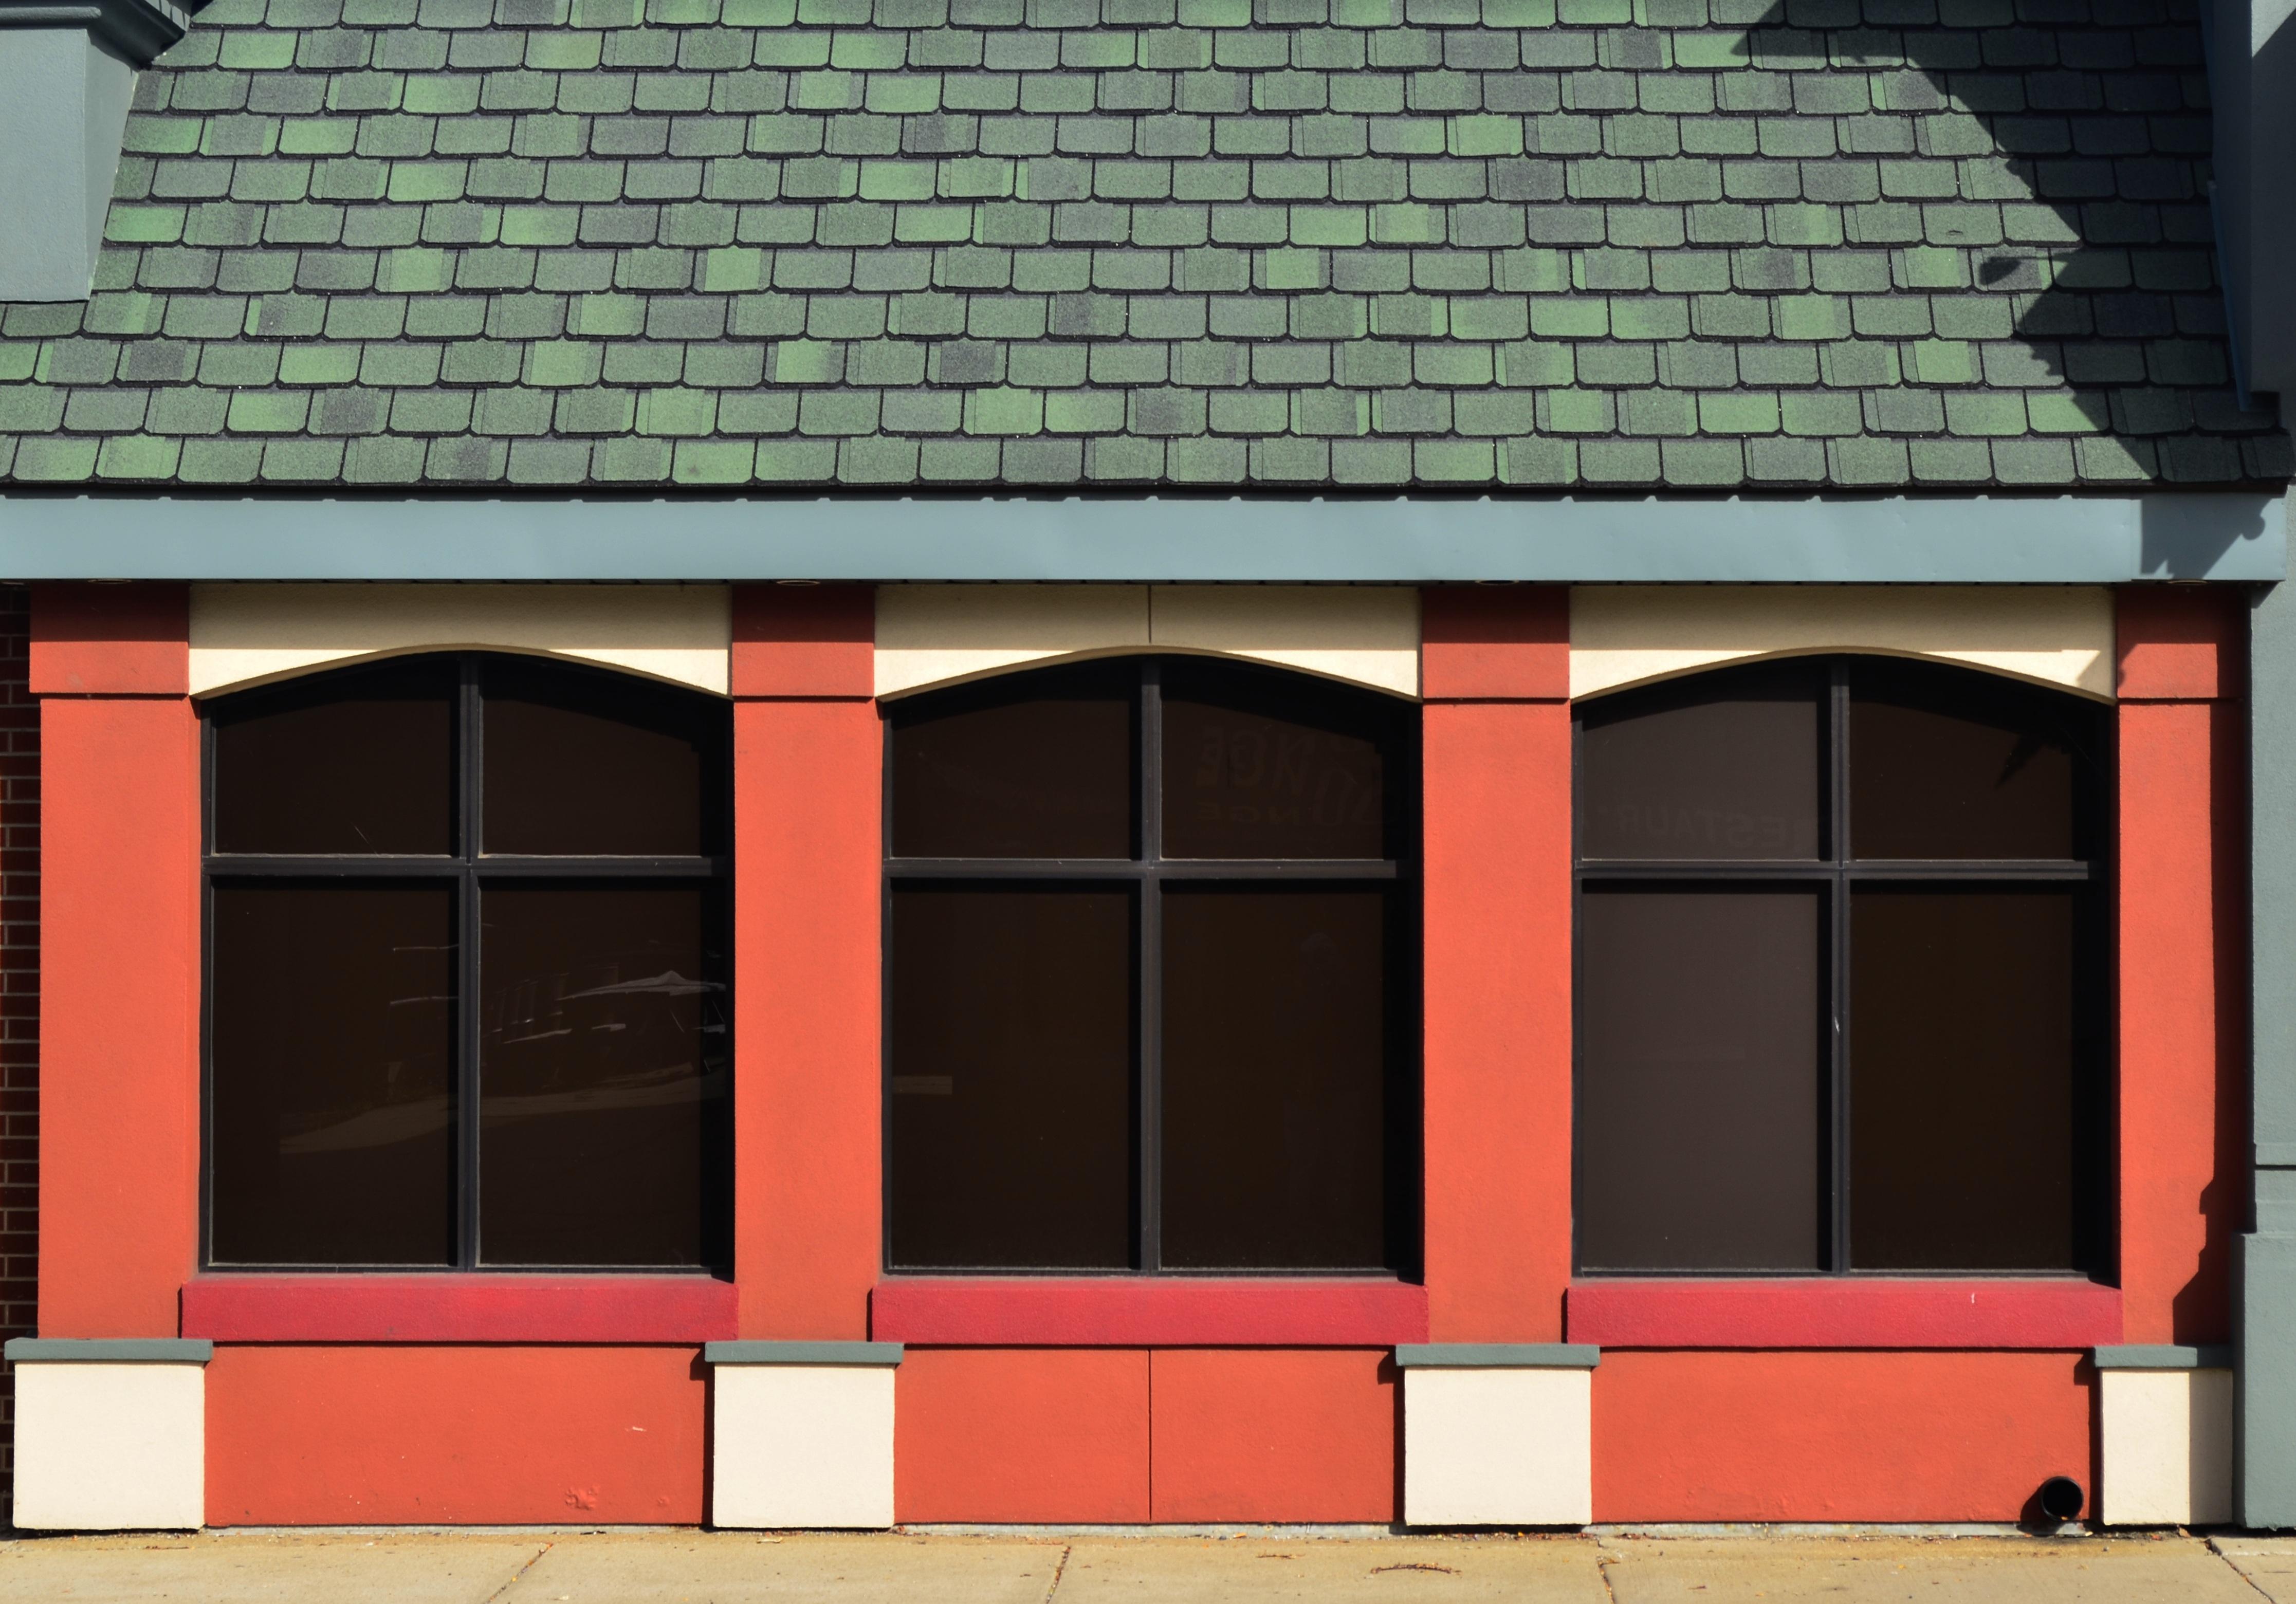 fotos gratis madera naranja verde rojo color fachada exterior vistoso ladrillo puerta diseo de interiores ventanas vvido ladrillos